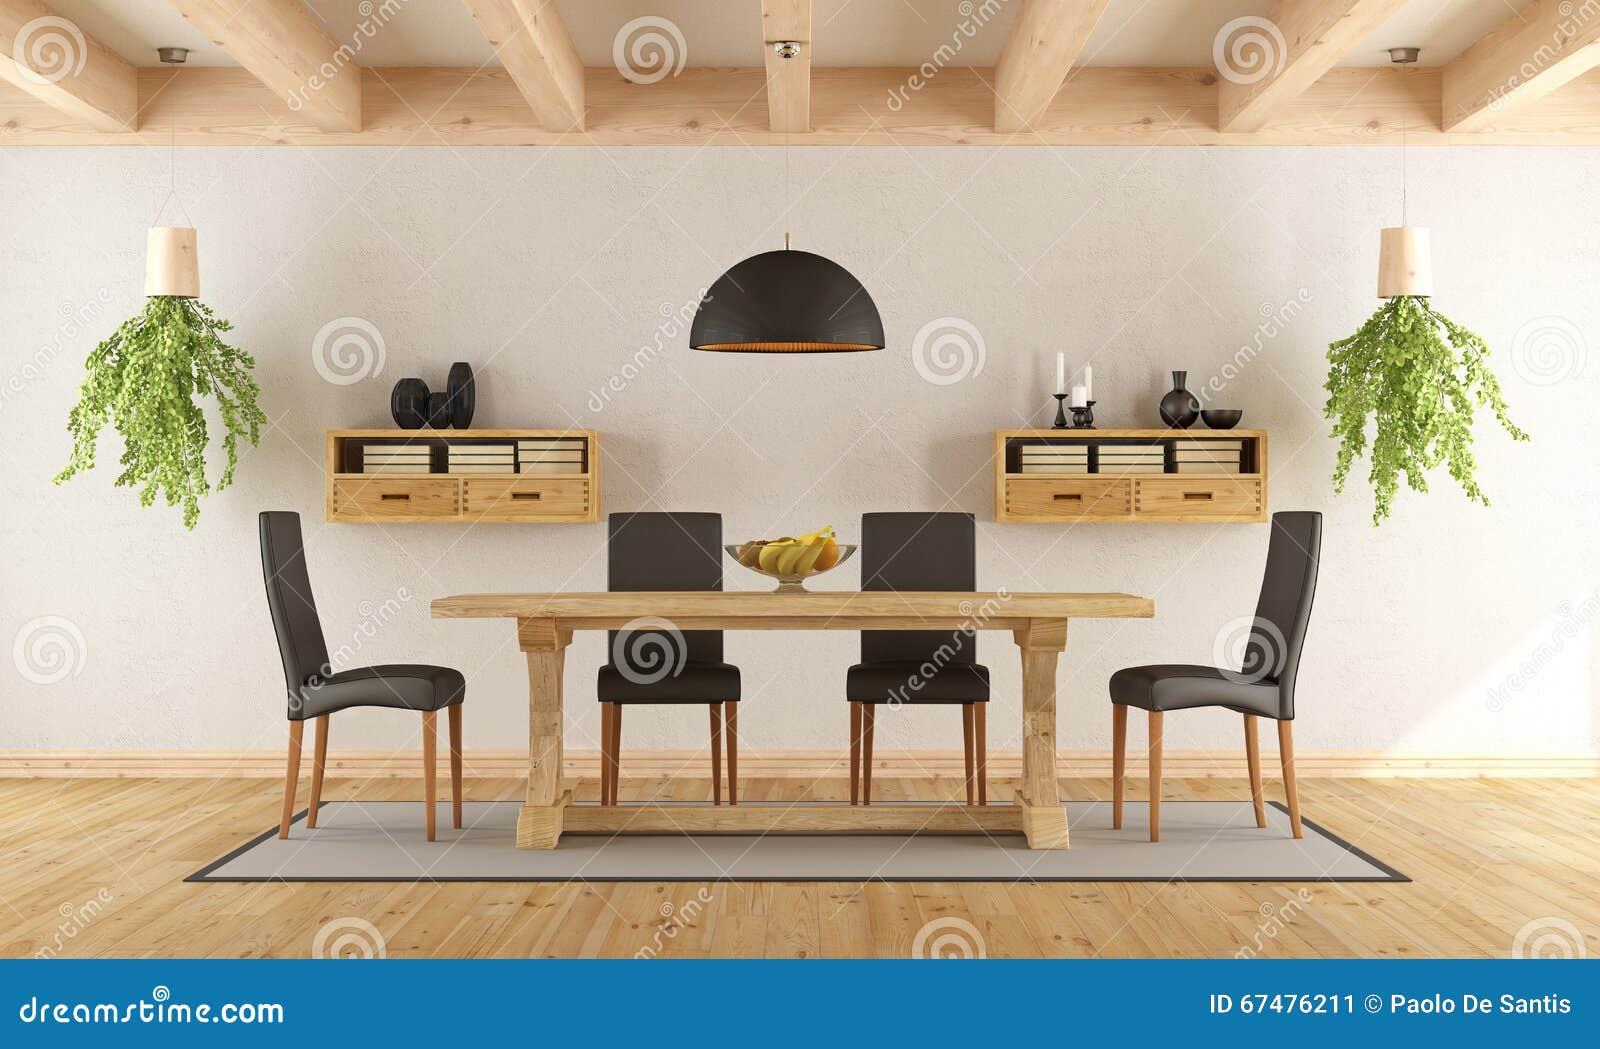 Sala Da Pranzo Rustica : Sala da pranzo bianca con la tavola rustica illustrazione di stock